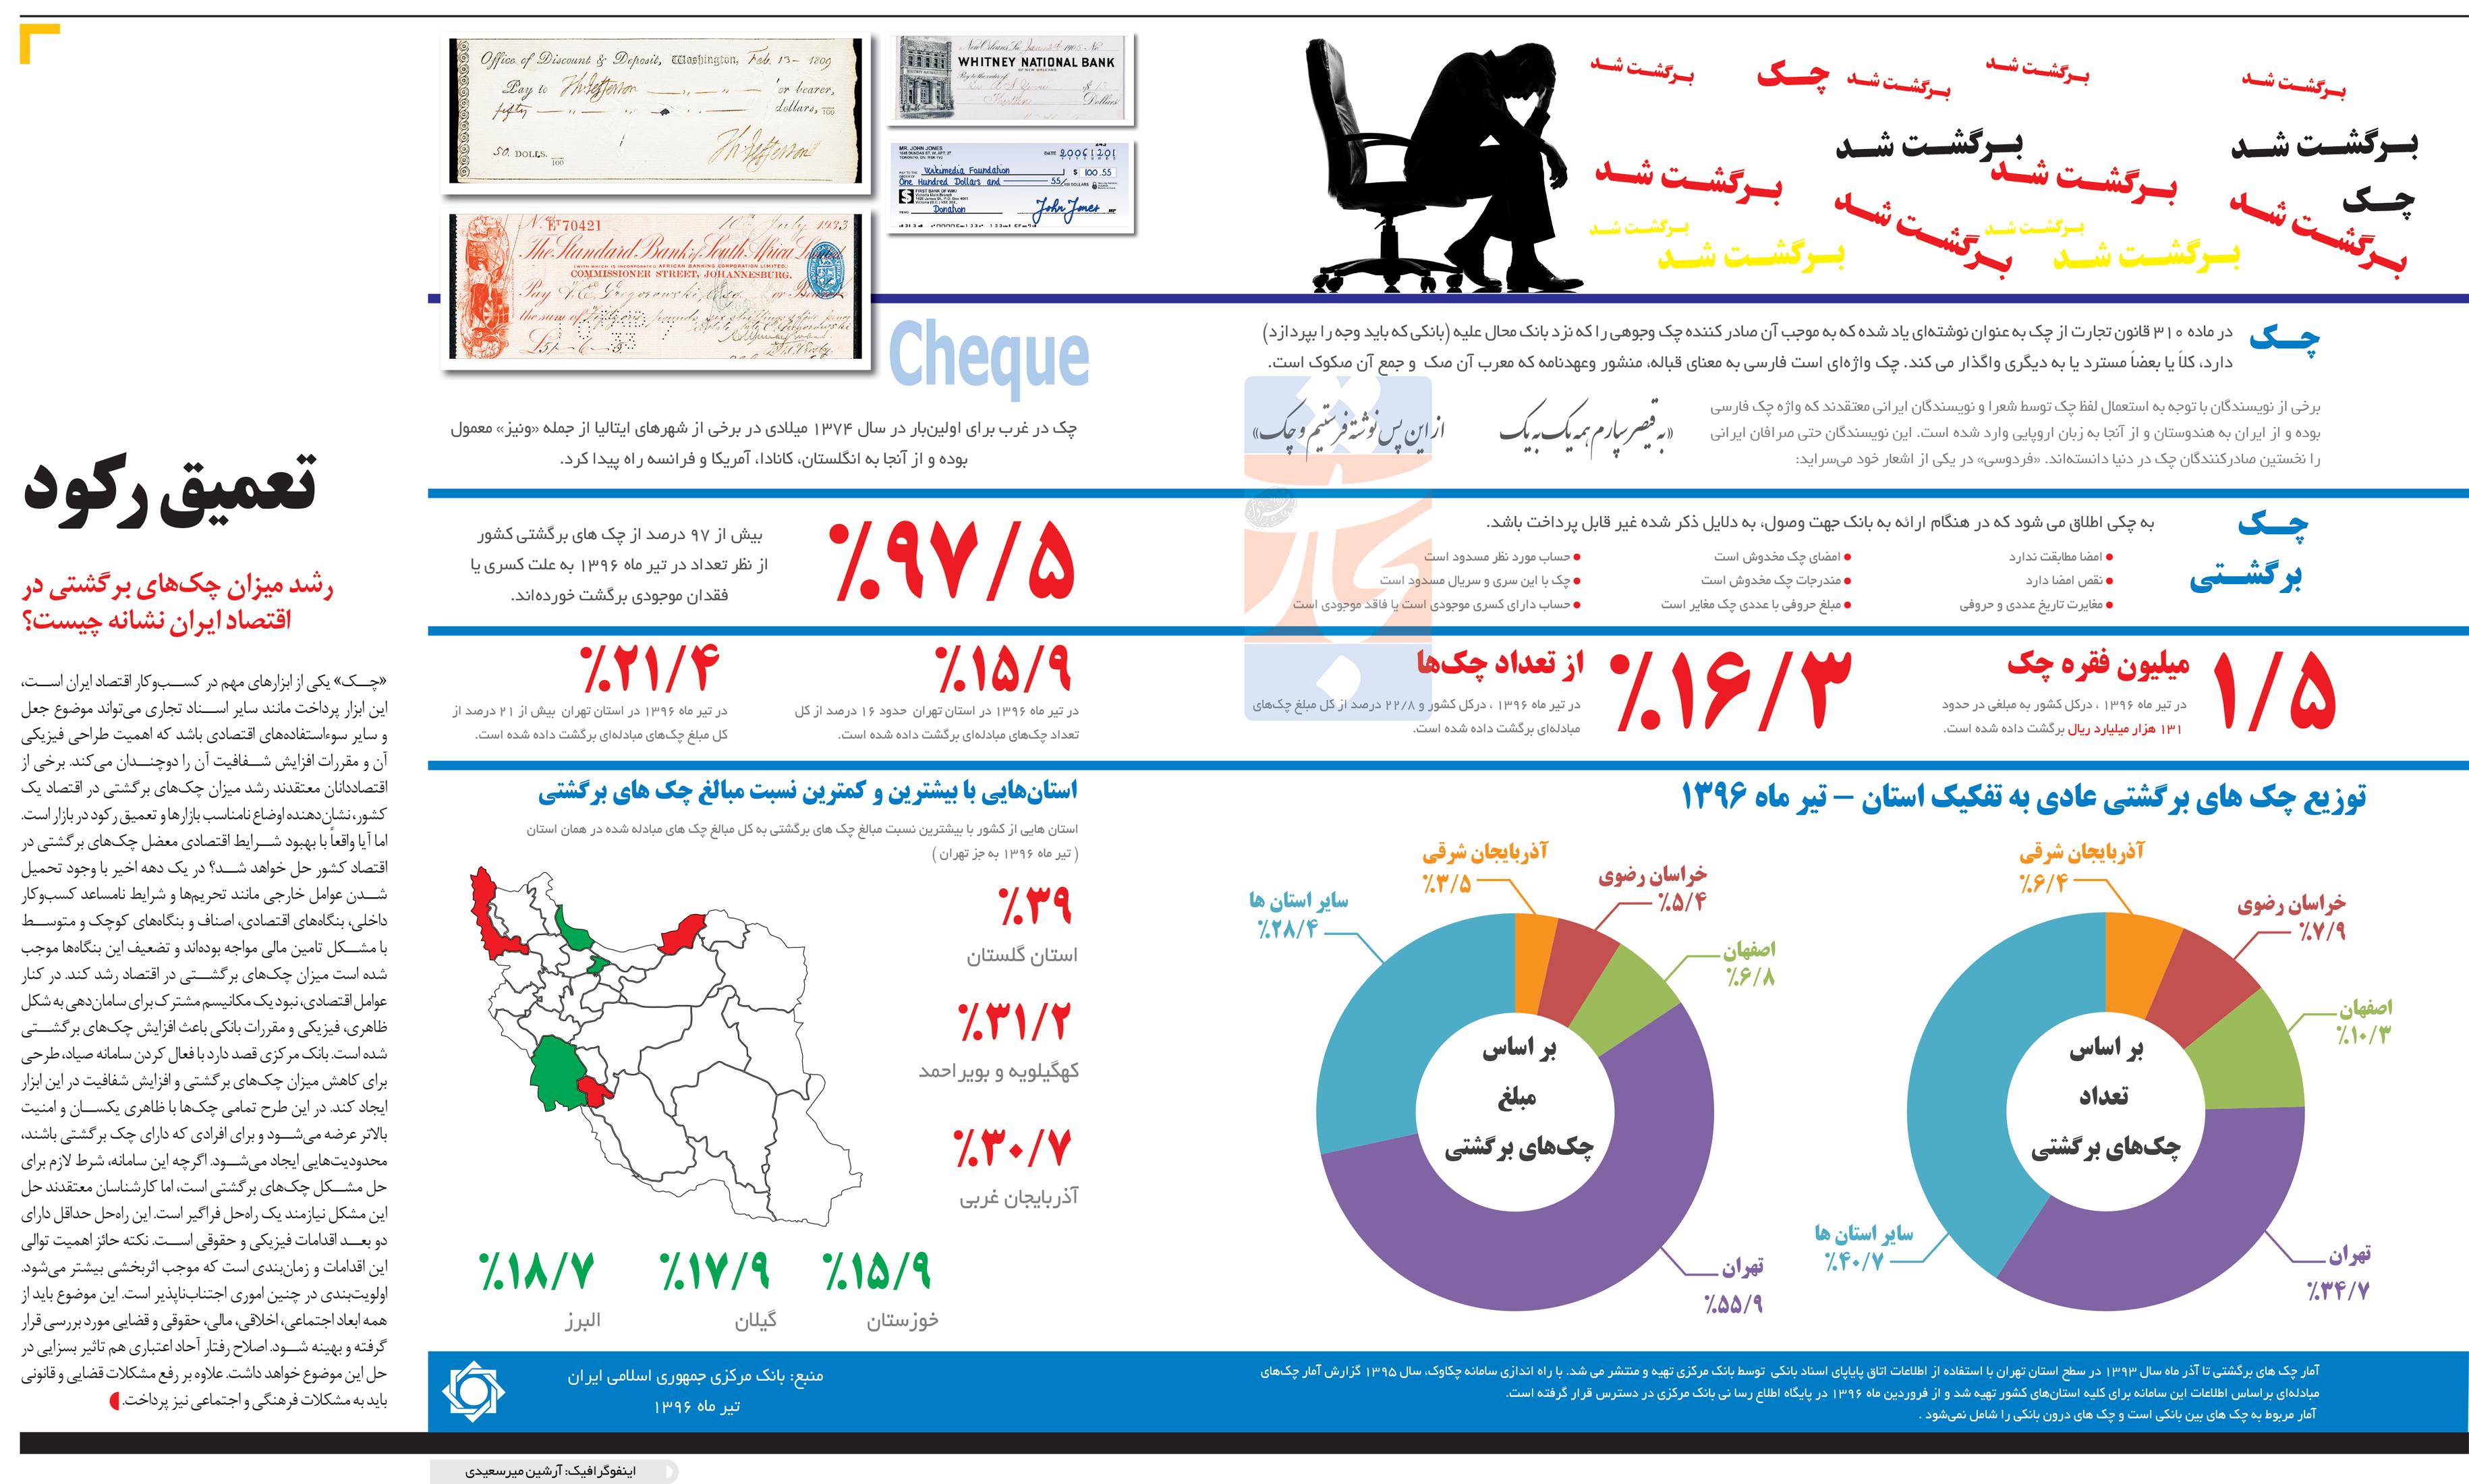 تجارت- فردا- تعمیق رکود(اینفوگرافیک)